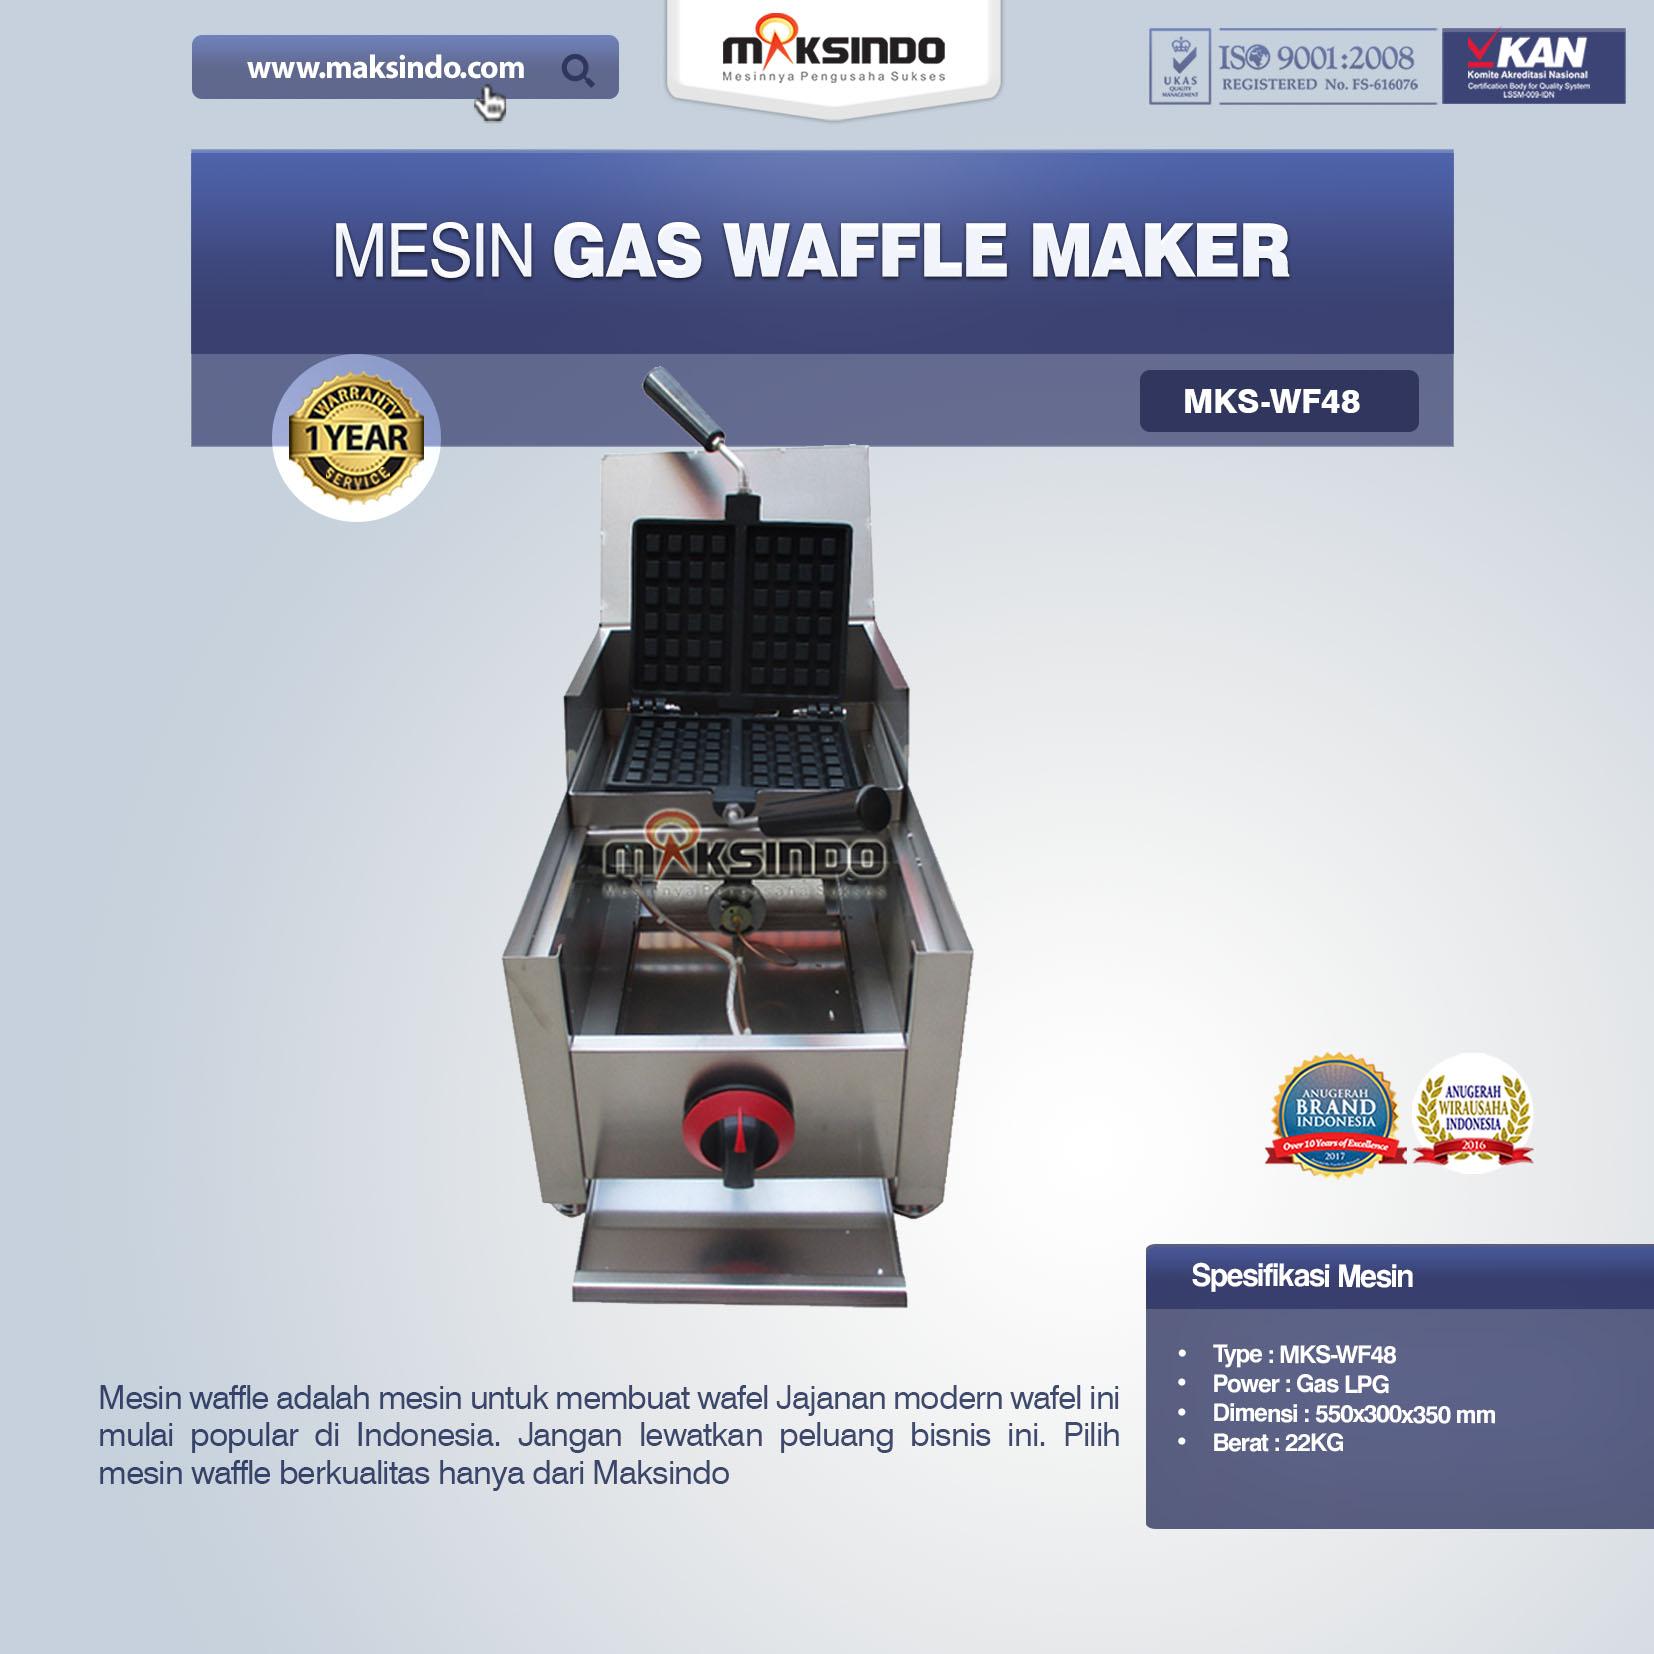 Jual Mesin Gas Waffle Maker MKS-WF48 di Blitar